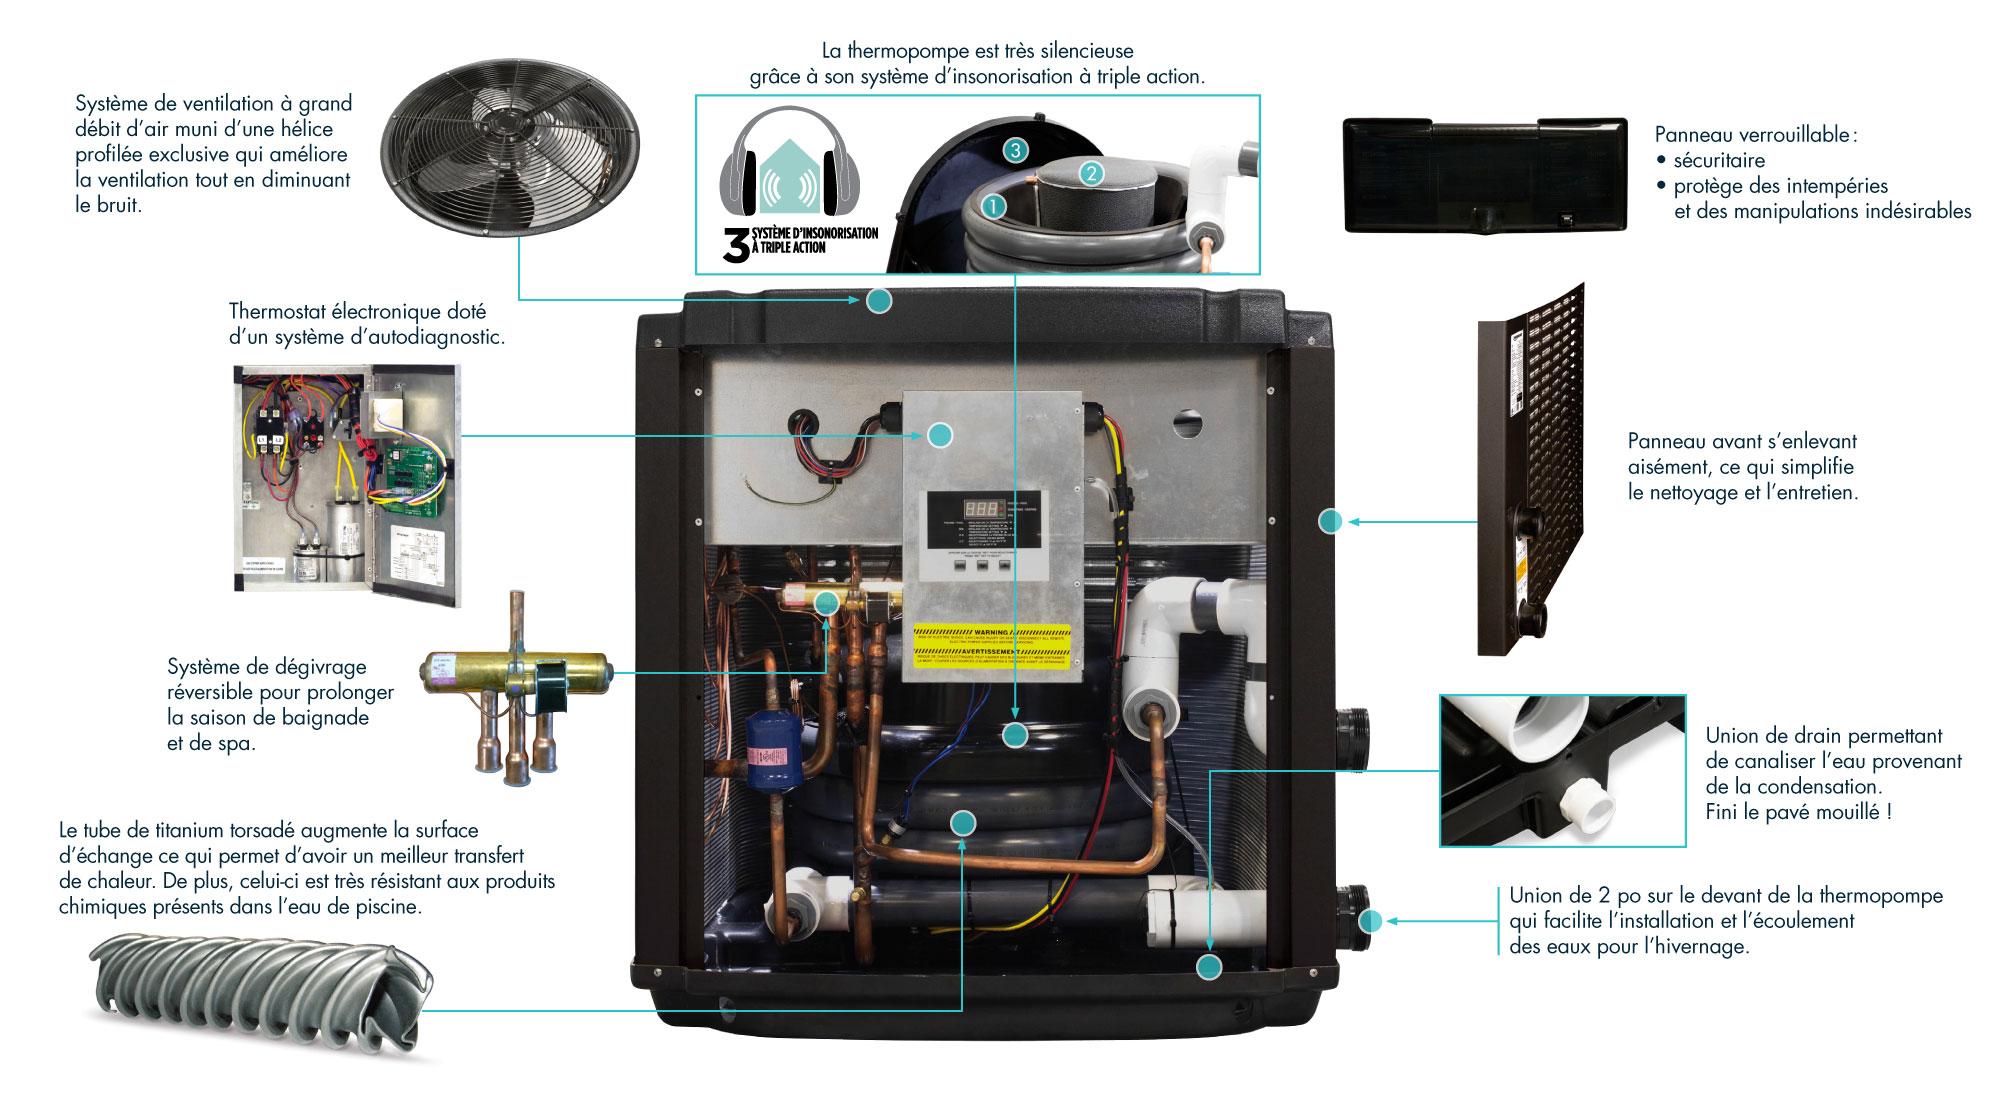 Premium diagramme thermopompe éclatée